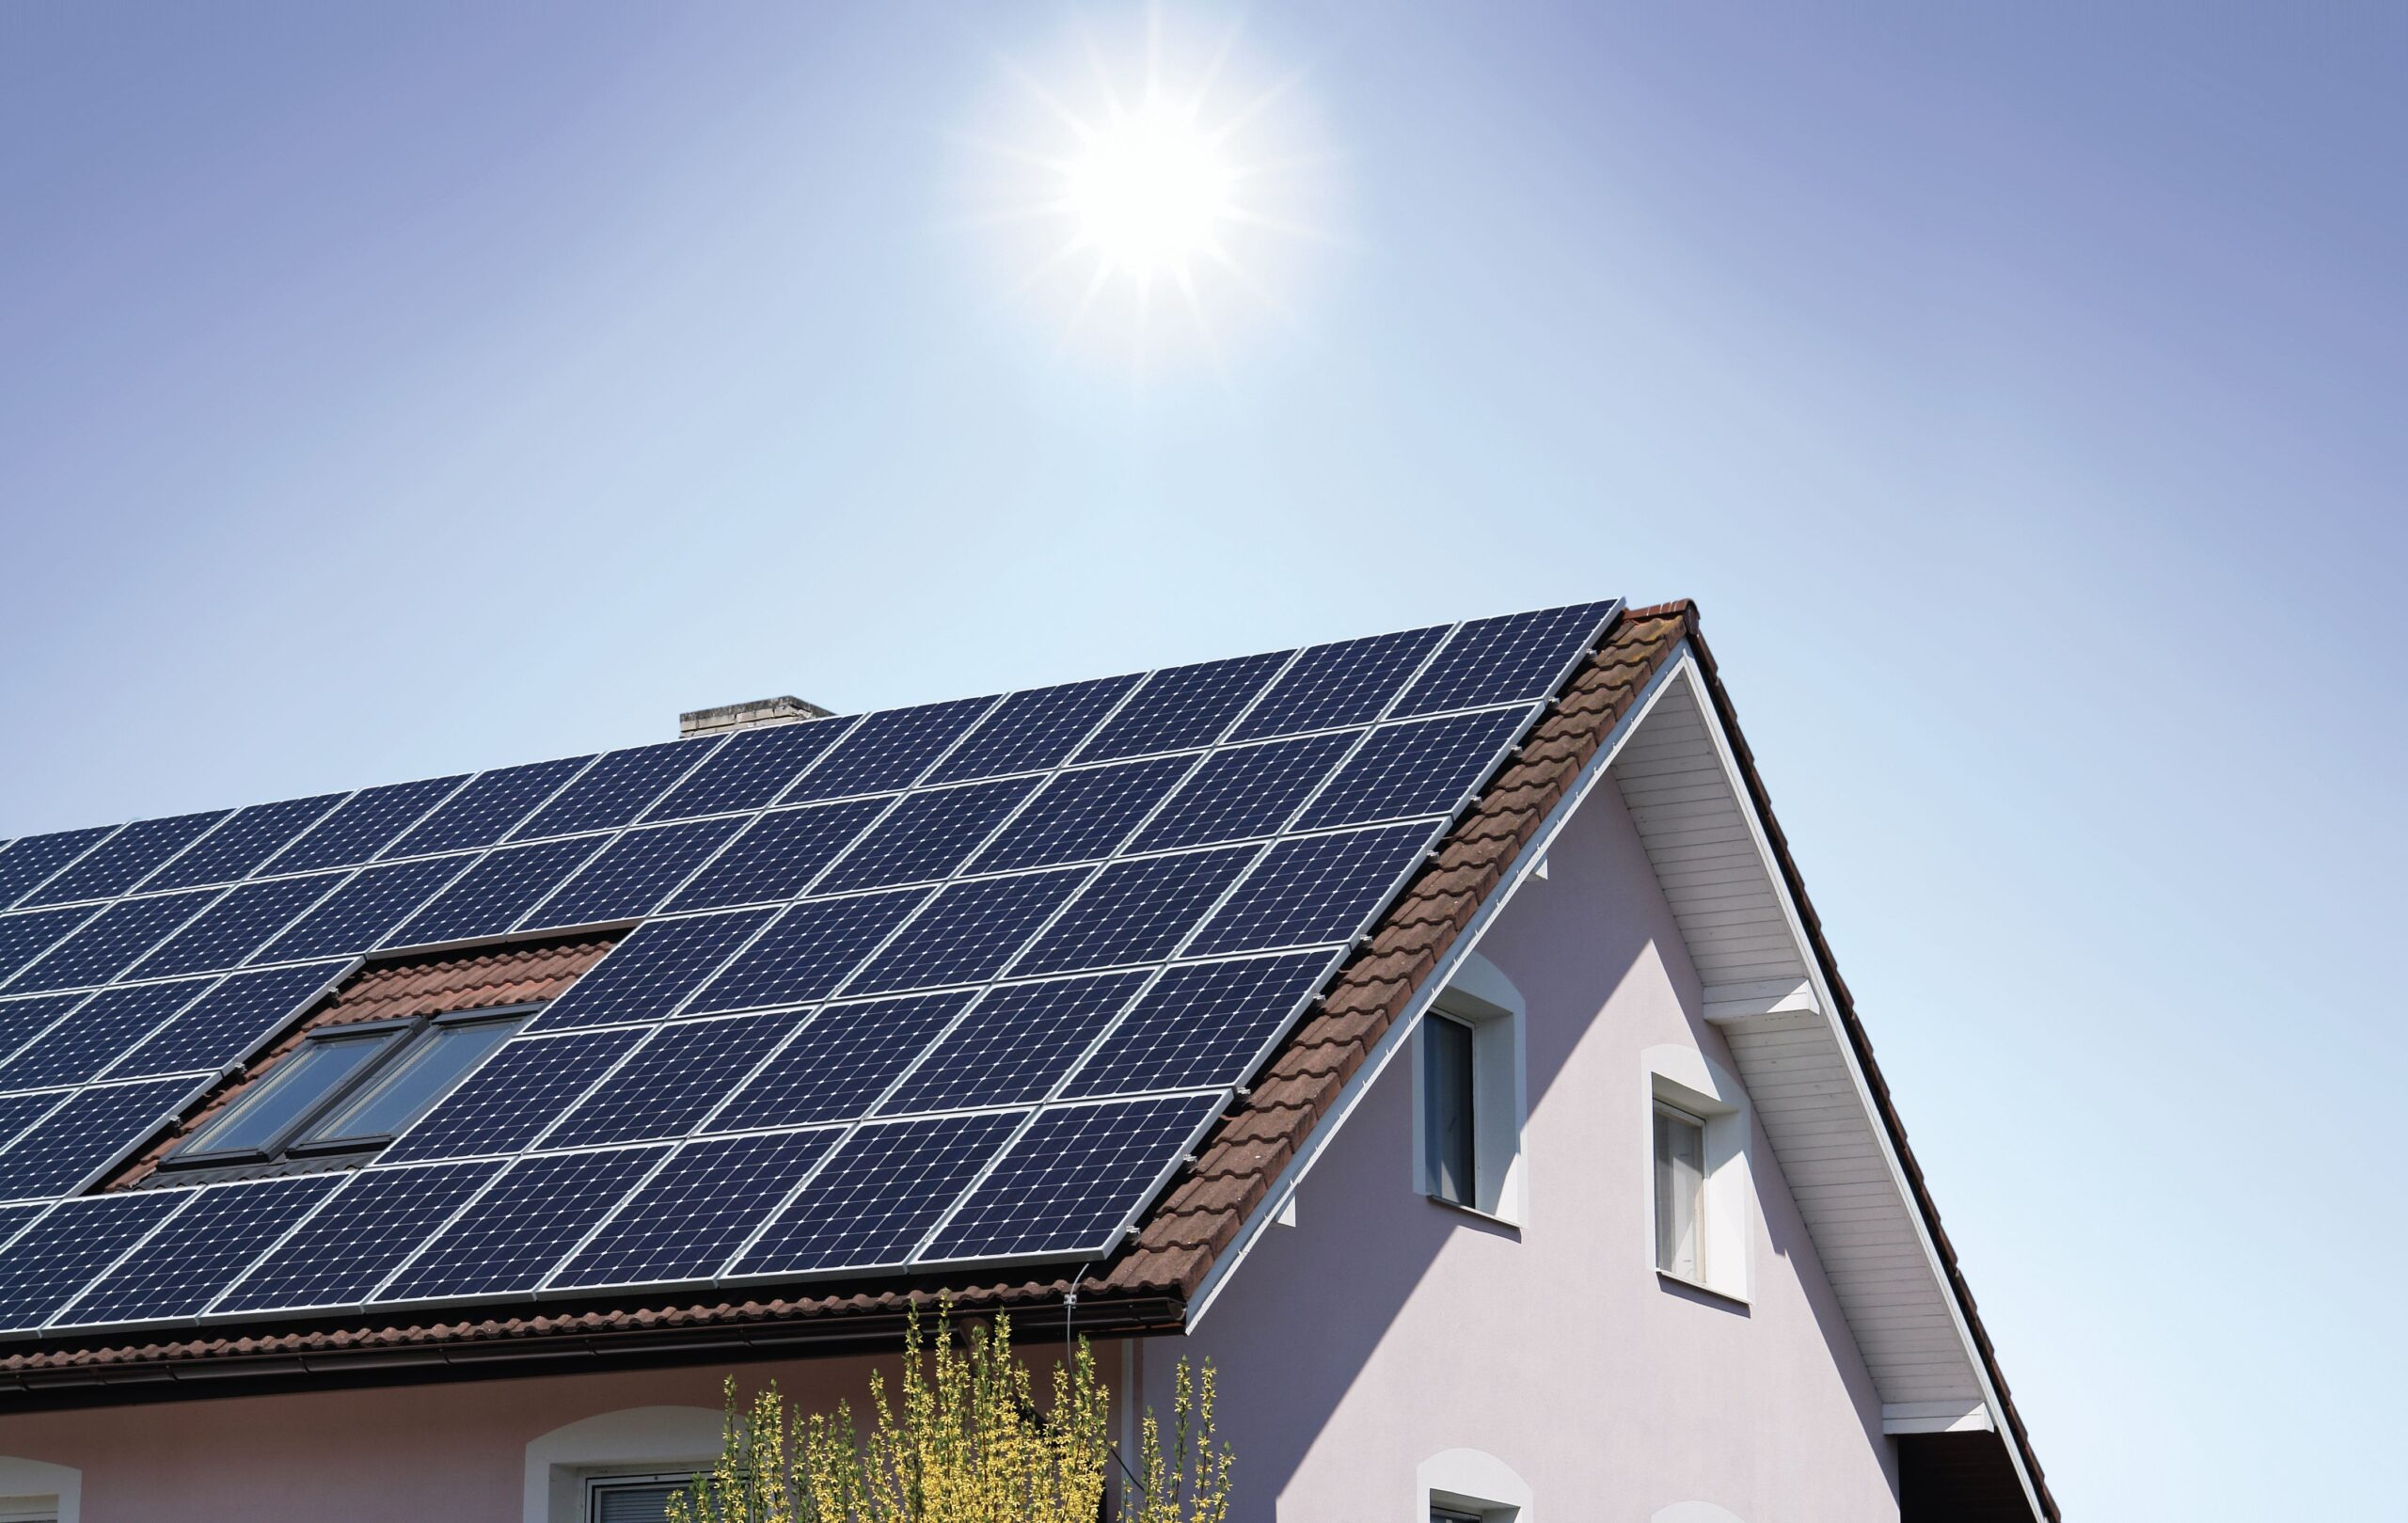 instalacja działająca na energię słoneczną